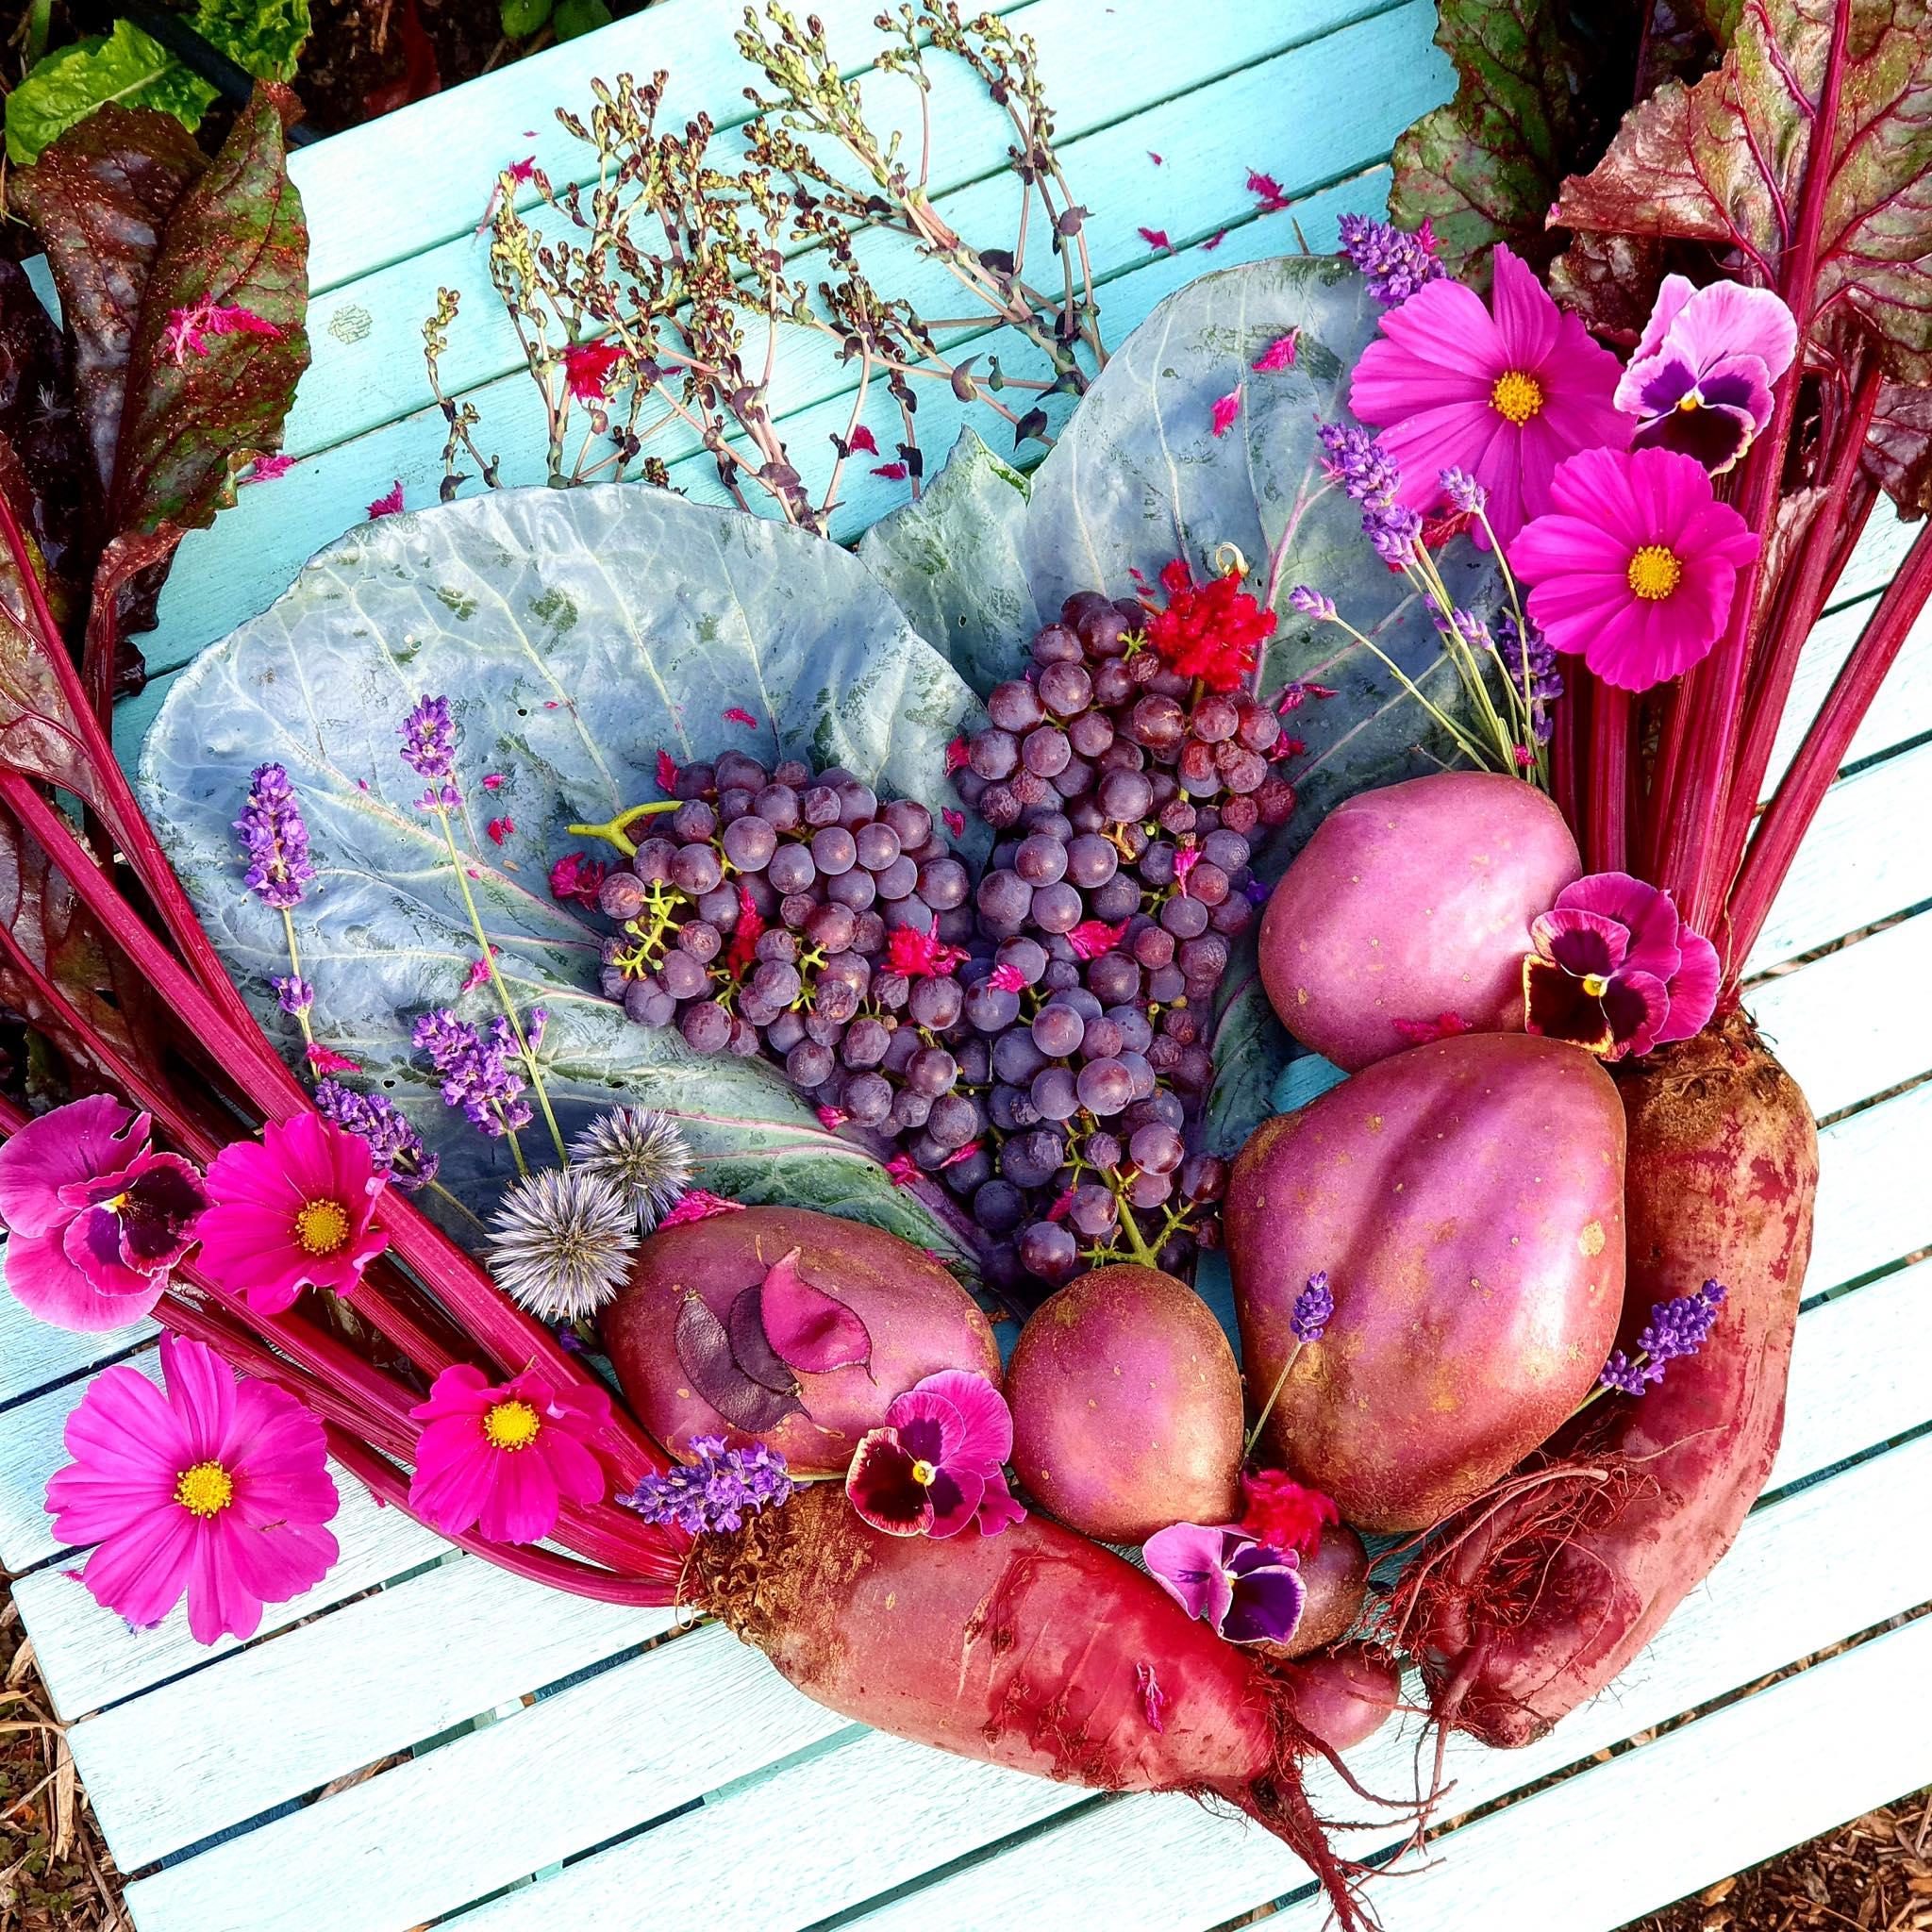 Khu vườn 225m² trồng toàn rau hữu cơ xanh tốt nhờ bí quyết dễ làm của bà mẹ trẻ đảm đang - Ảnh 13.